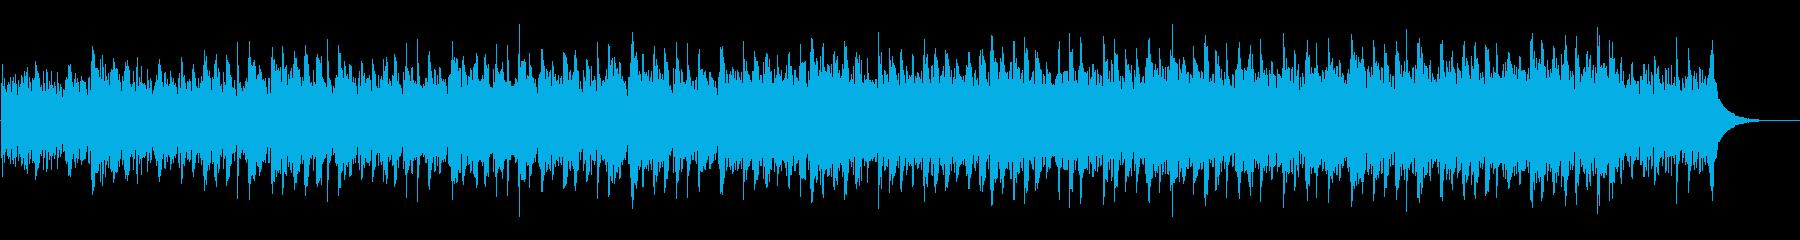 ピアノと木管楽器・商品解説・意見・回想の再生済みの波形